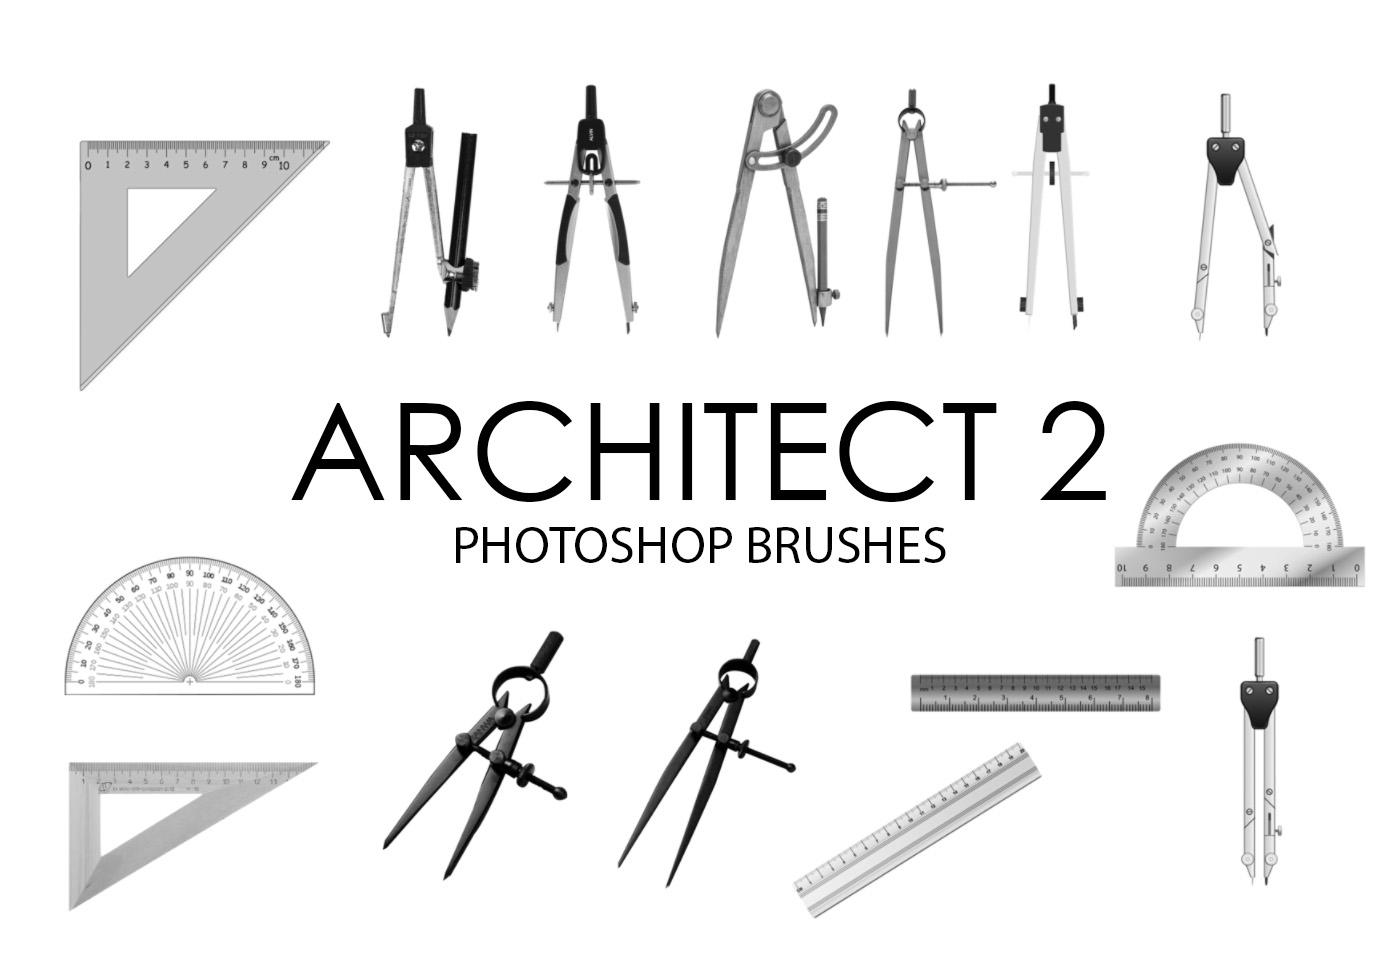 Architect Photoshop Brushes 2